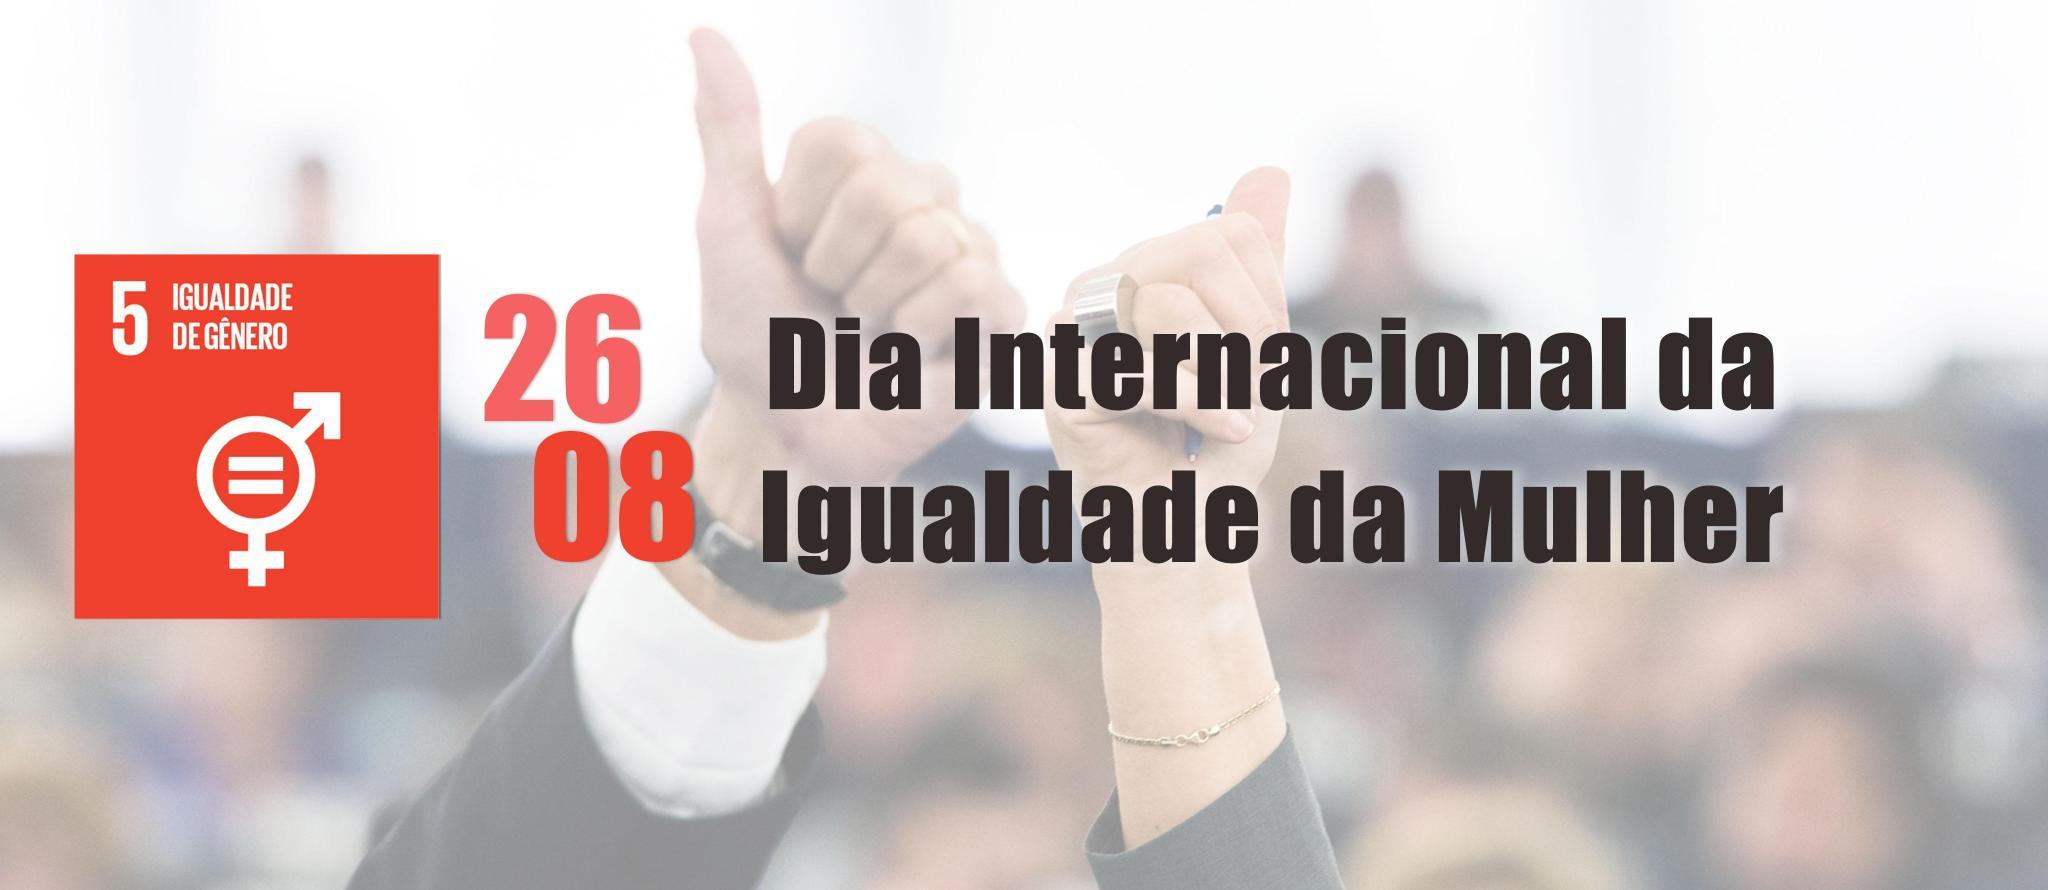 Dia Internacional da Igualdade da Mulher - ODS 05